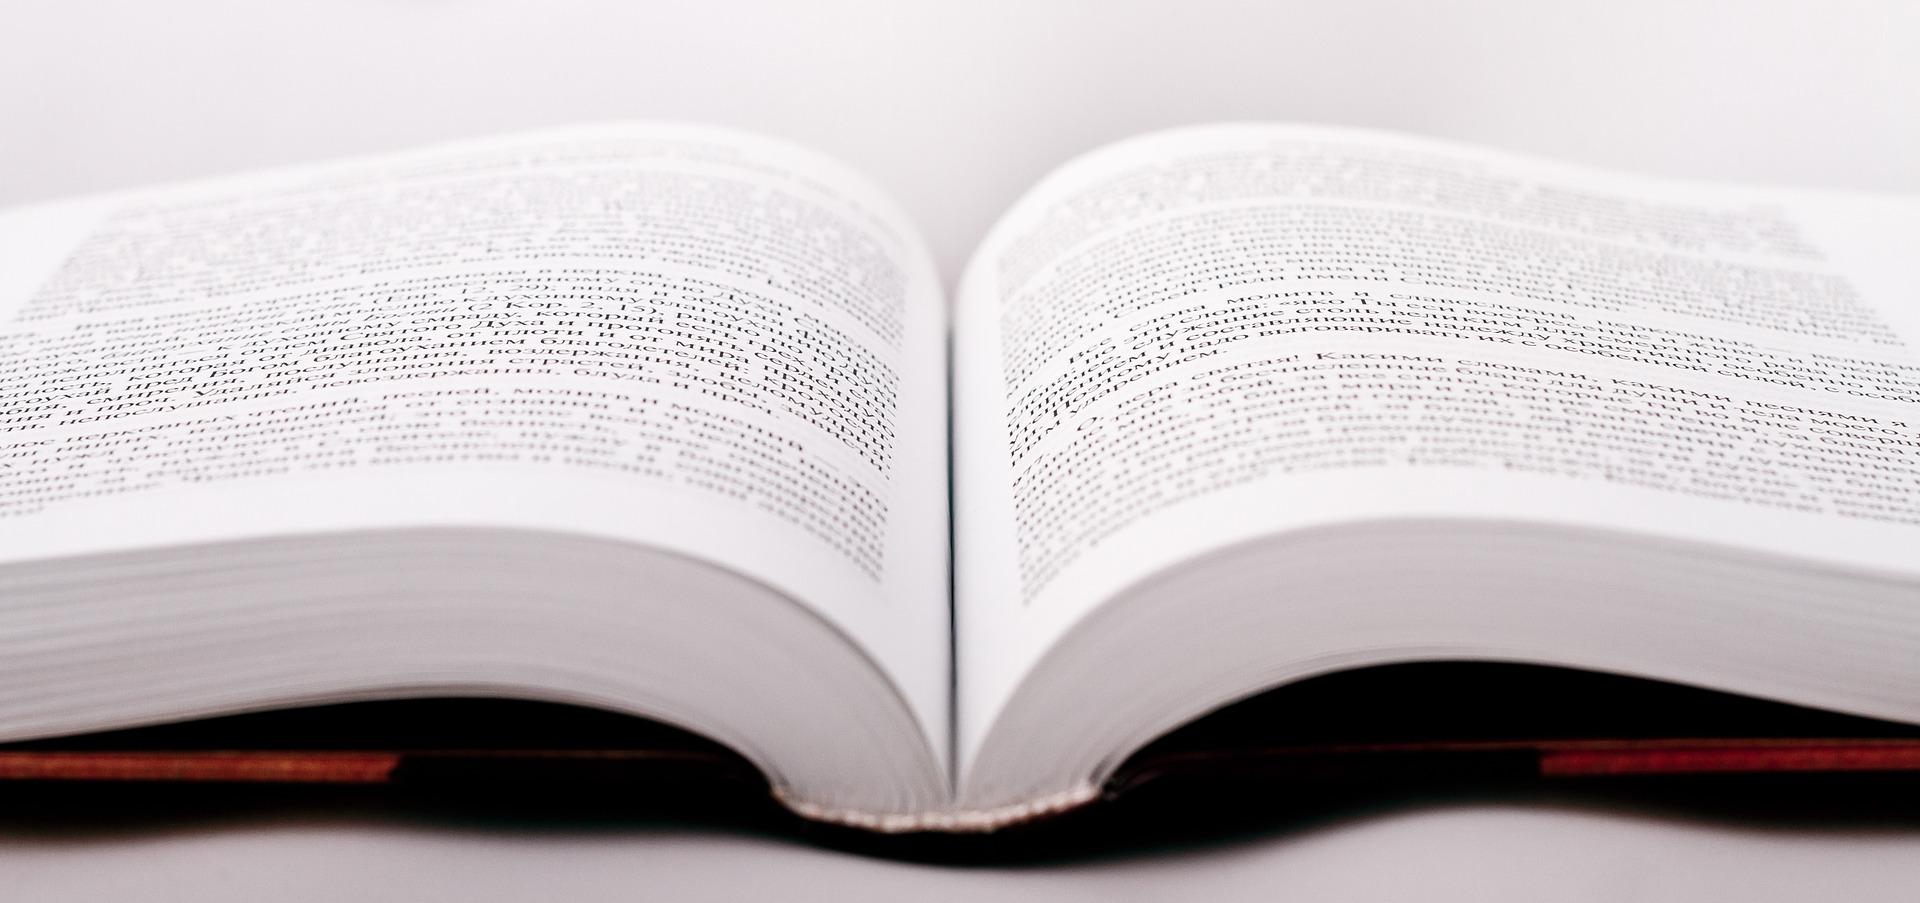 book-1261800_1920